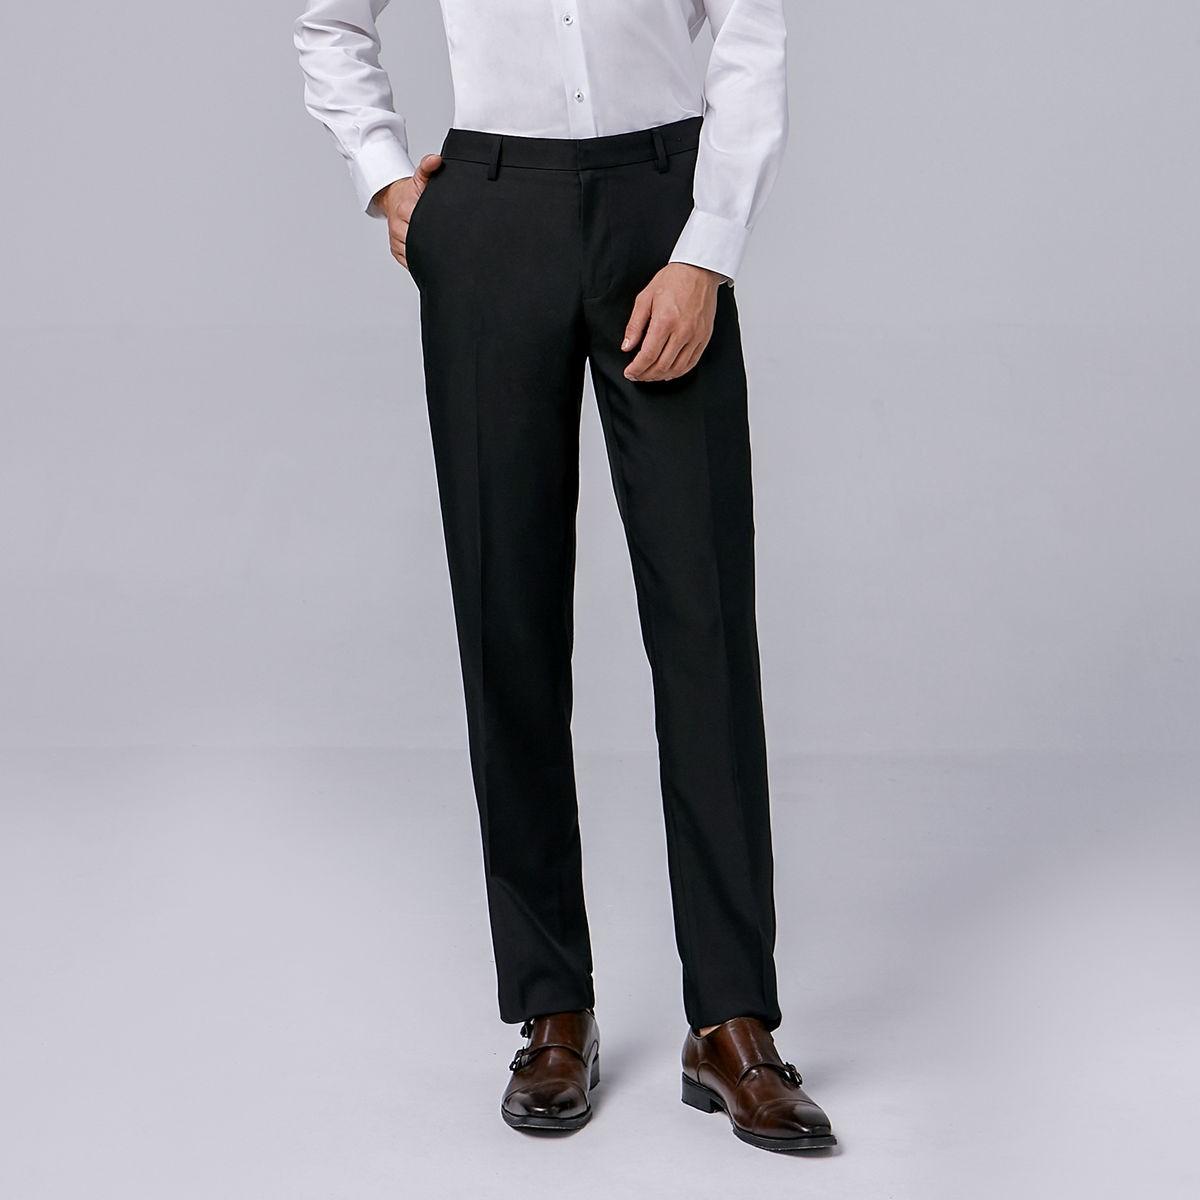 G2000 纵横两千 0005080199  男士西装裤